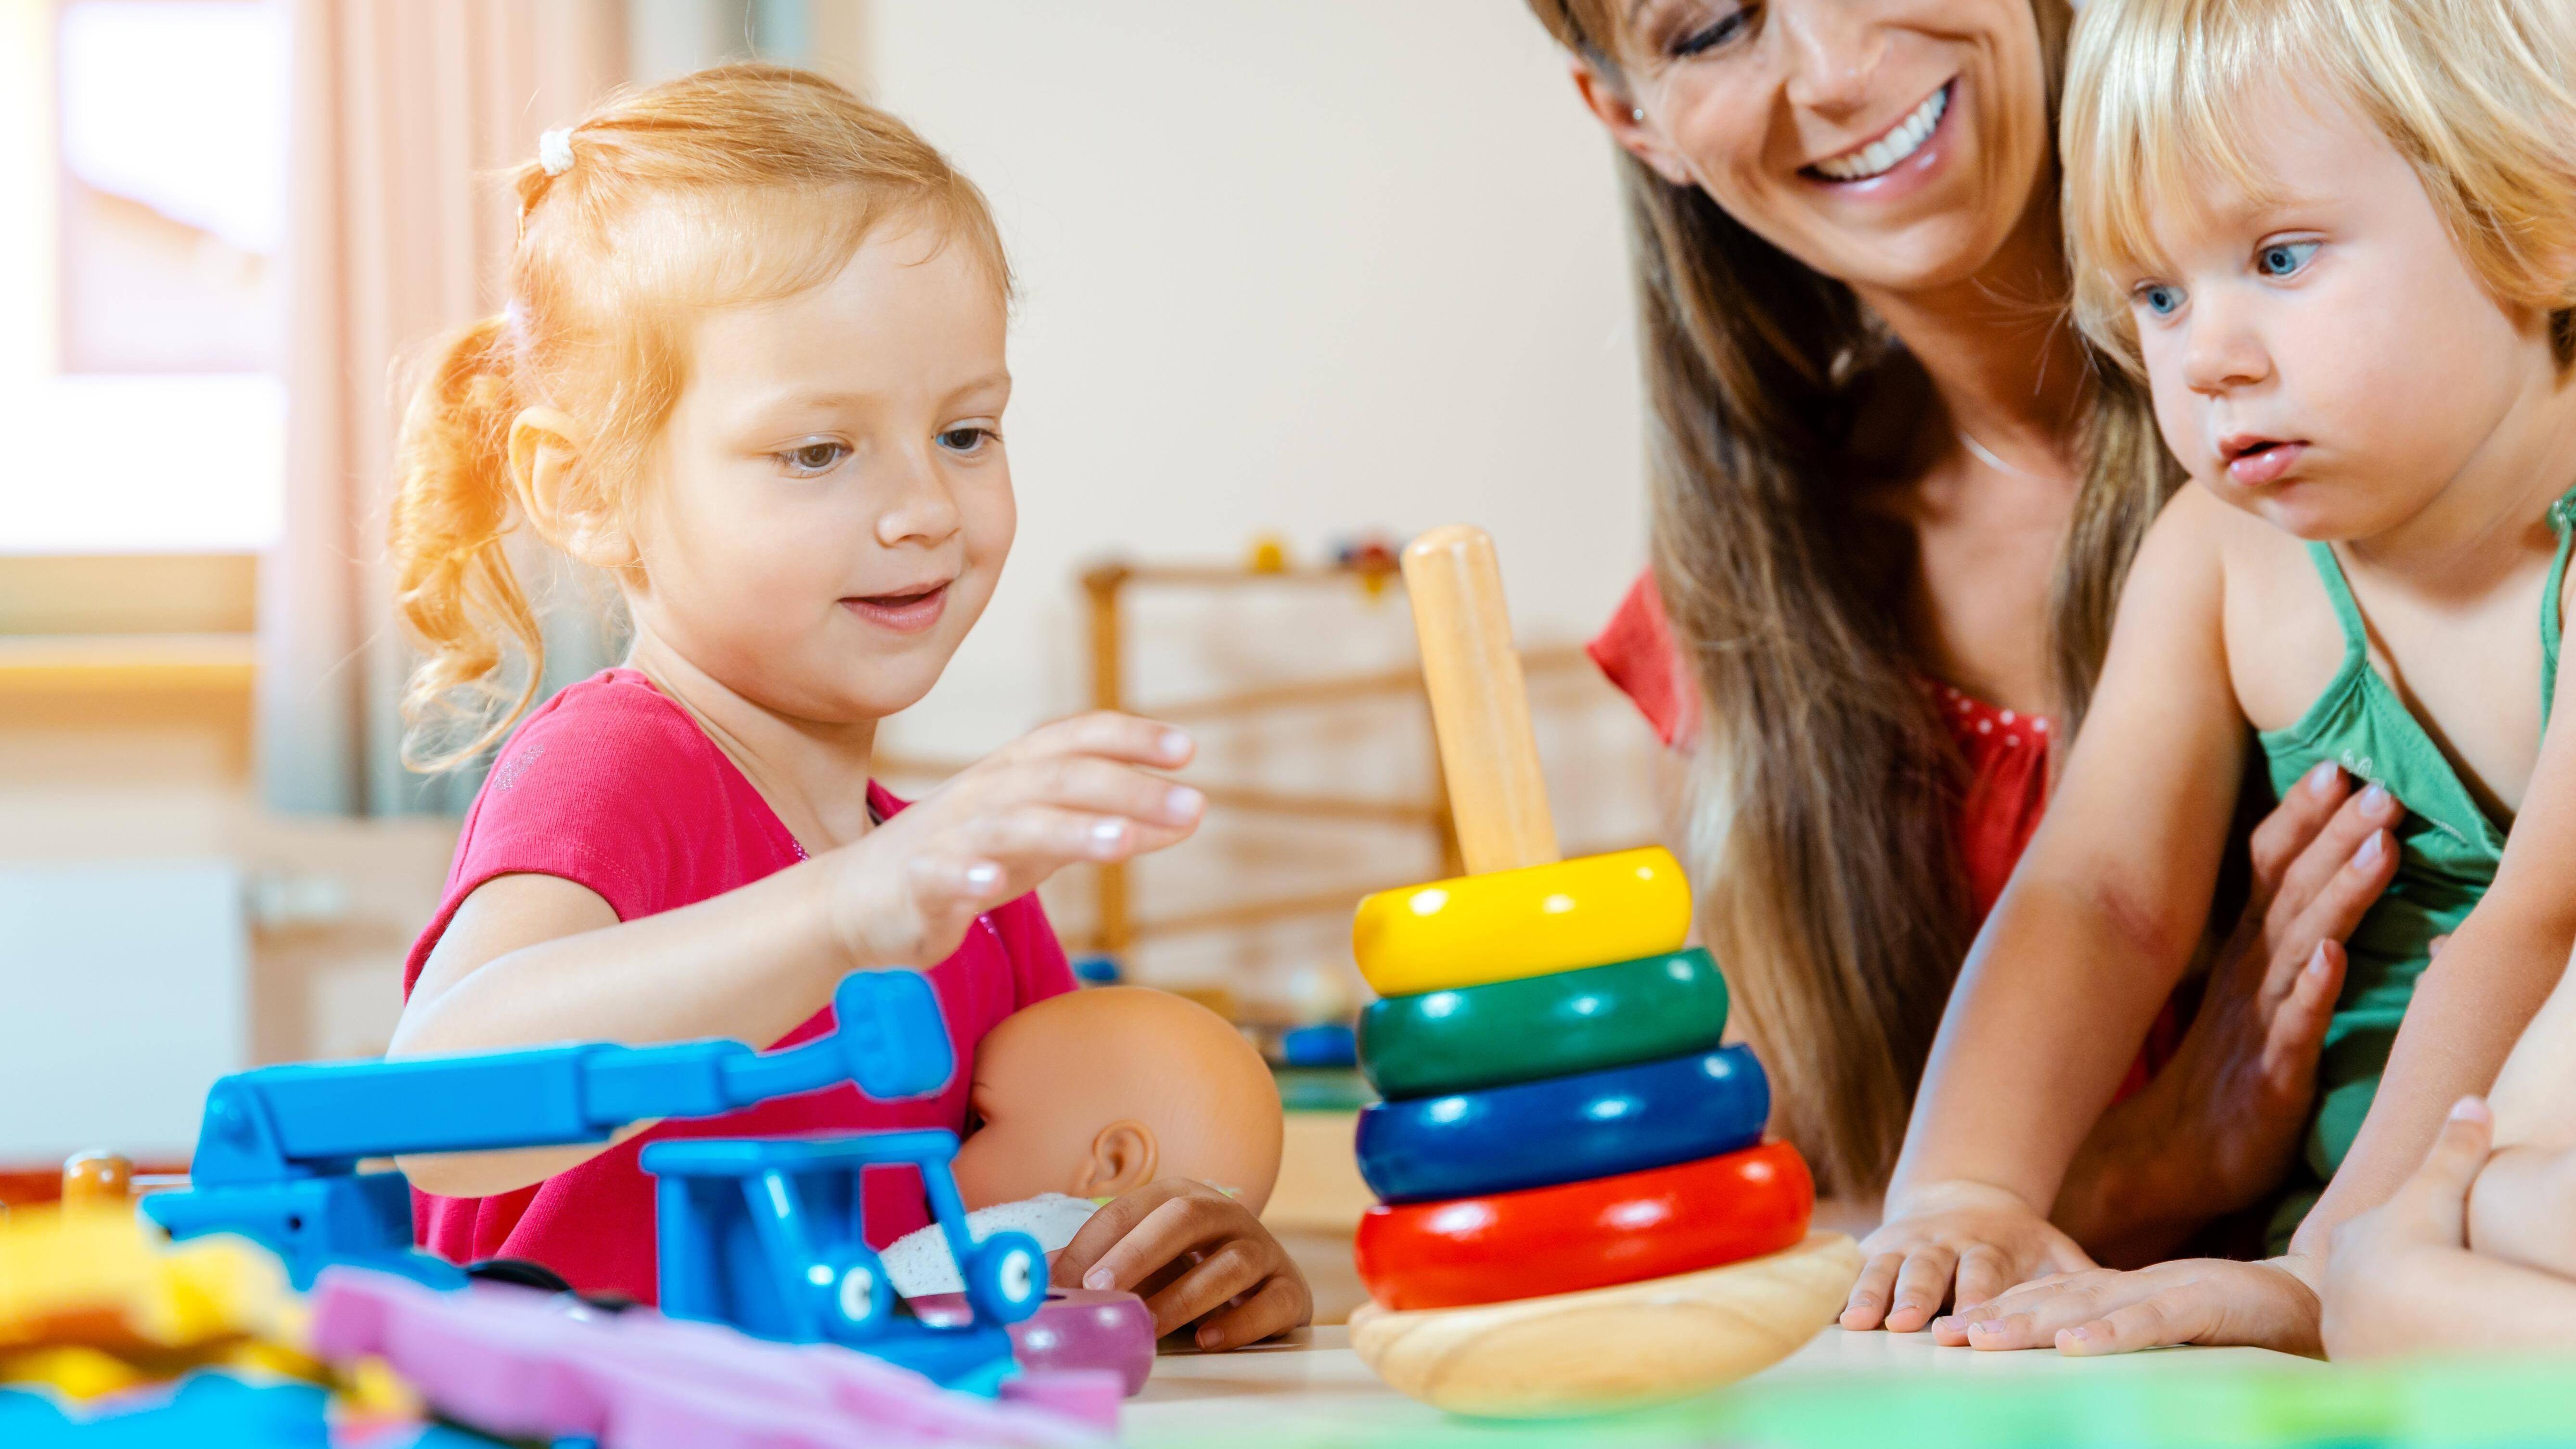 Funktionsräume im Kindergarten gestalten: Die 7 wichtigsten Tipps